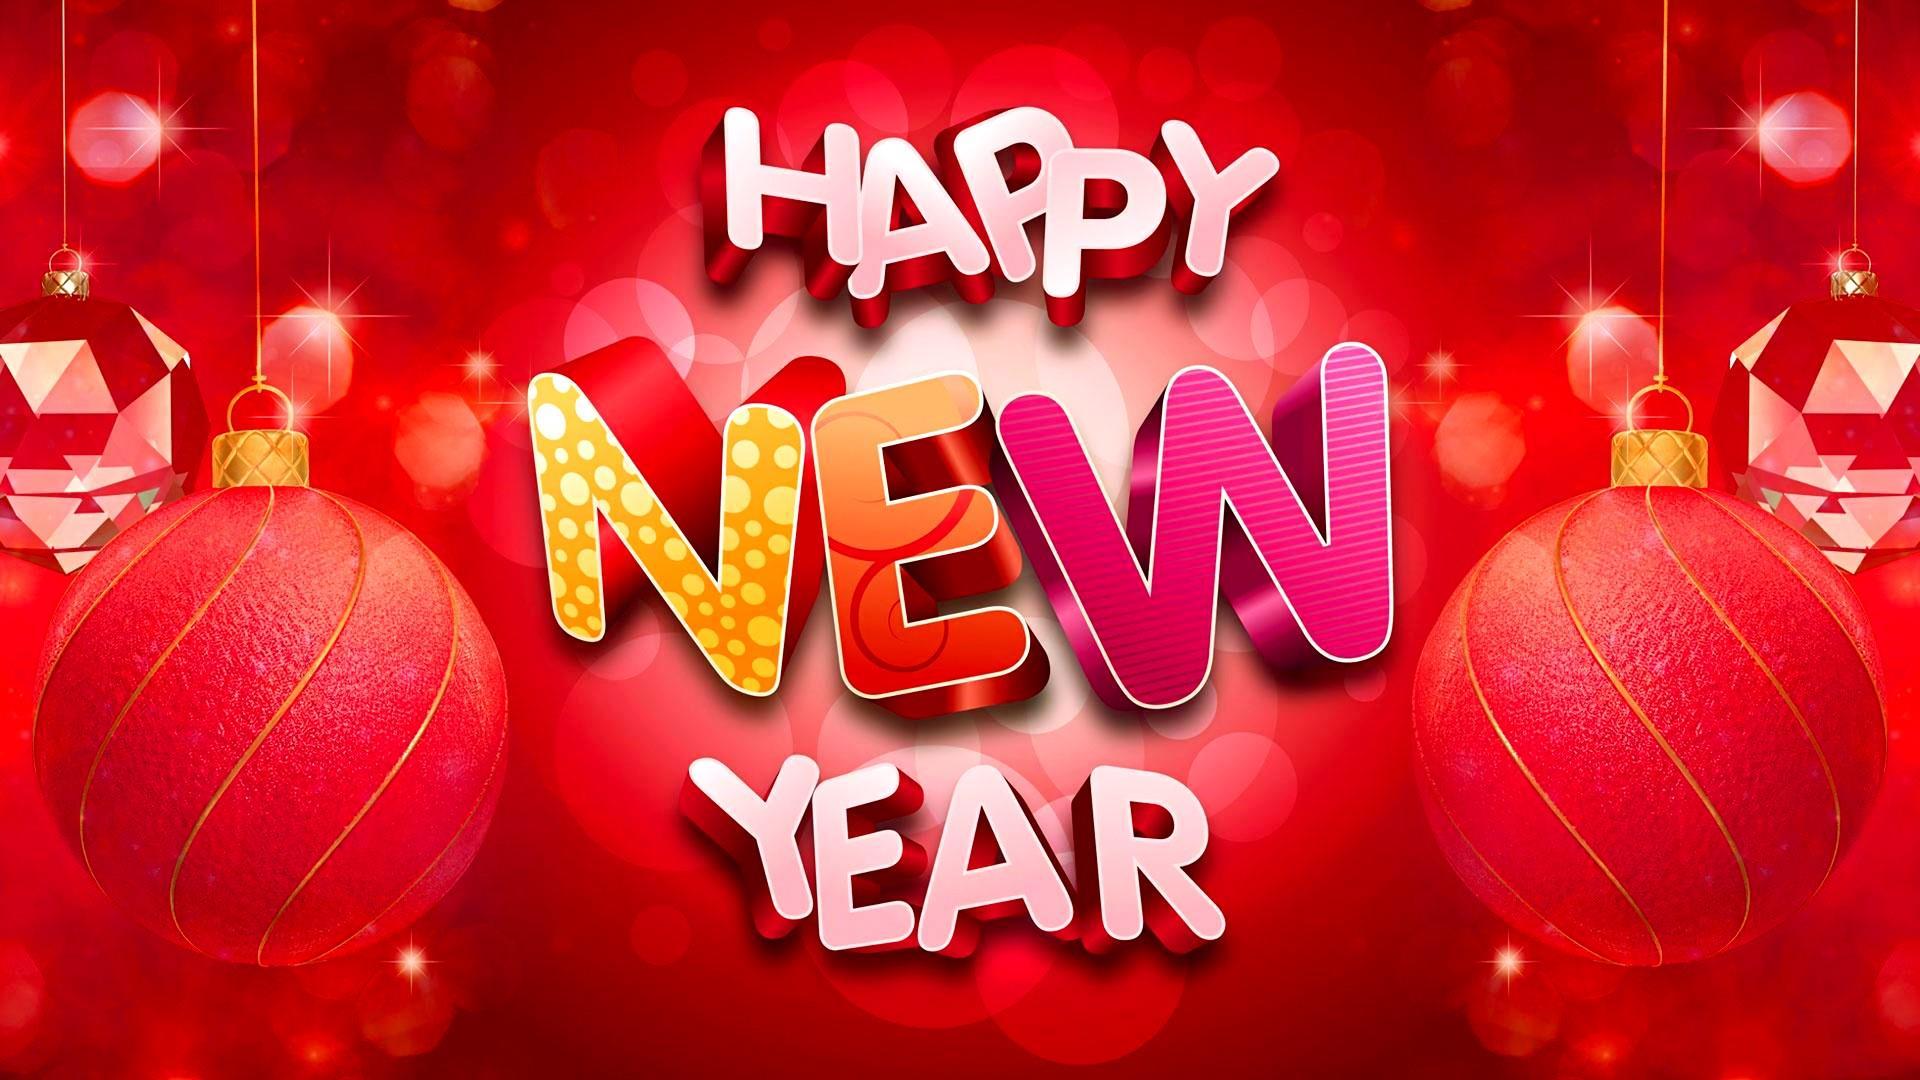 Notte Di San Silvestro Buon Anno Nuovo 2021 Forumforyou It